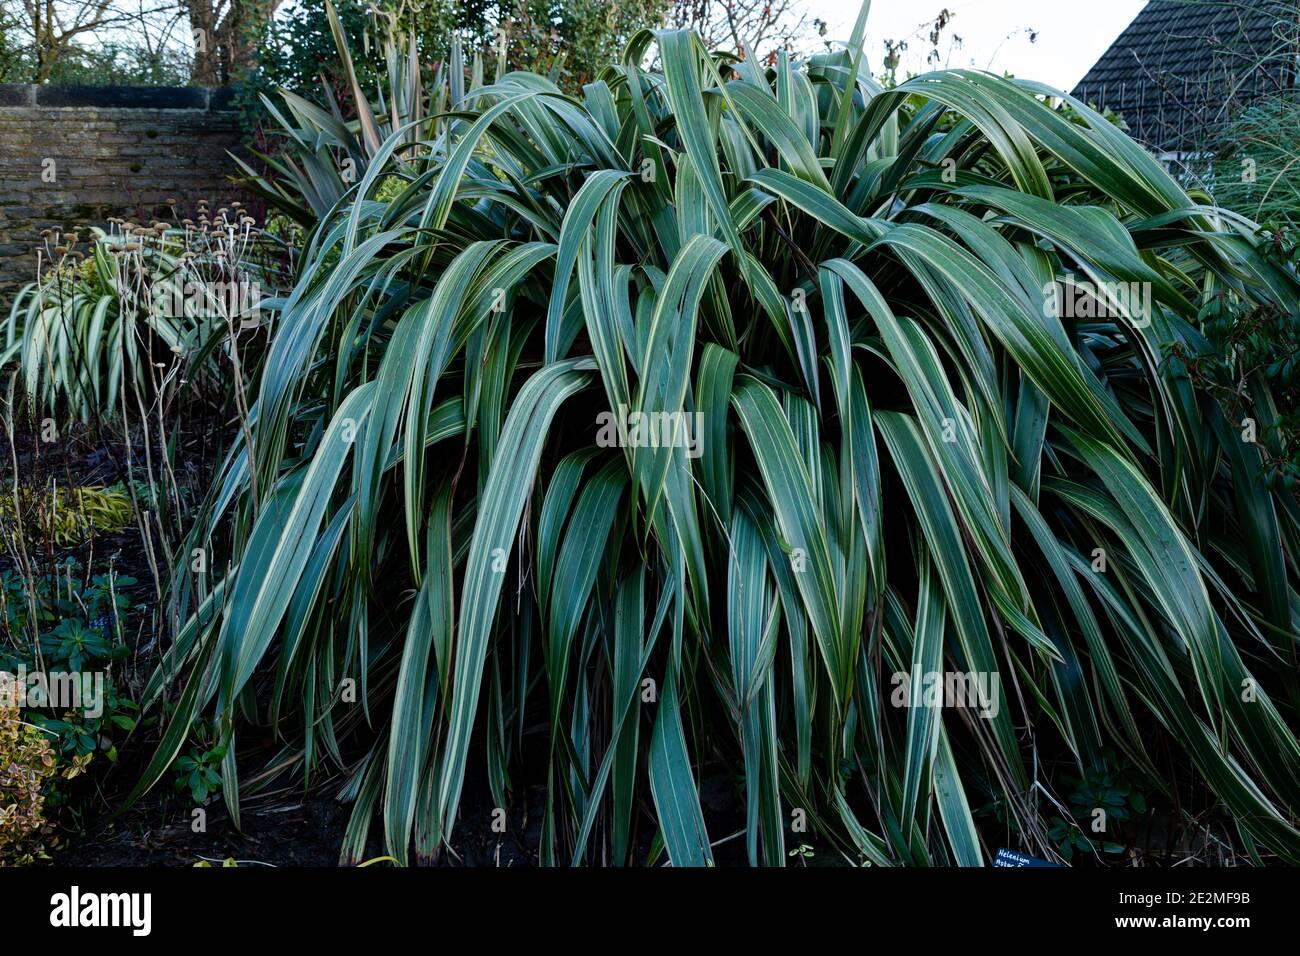 Phormium 'gelbe Welle' - Neuseeland Flachs. Stockfoto